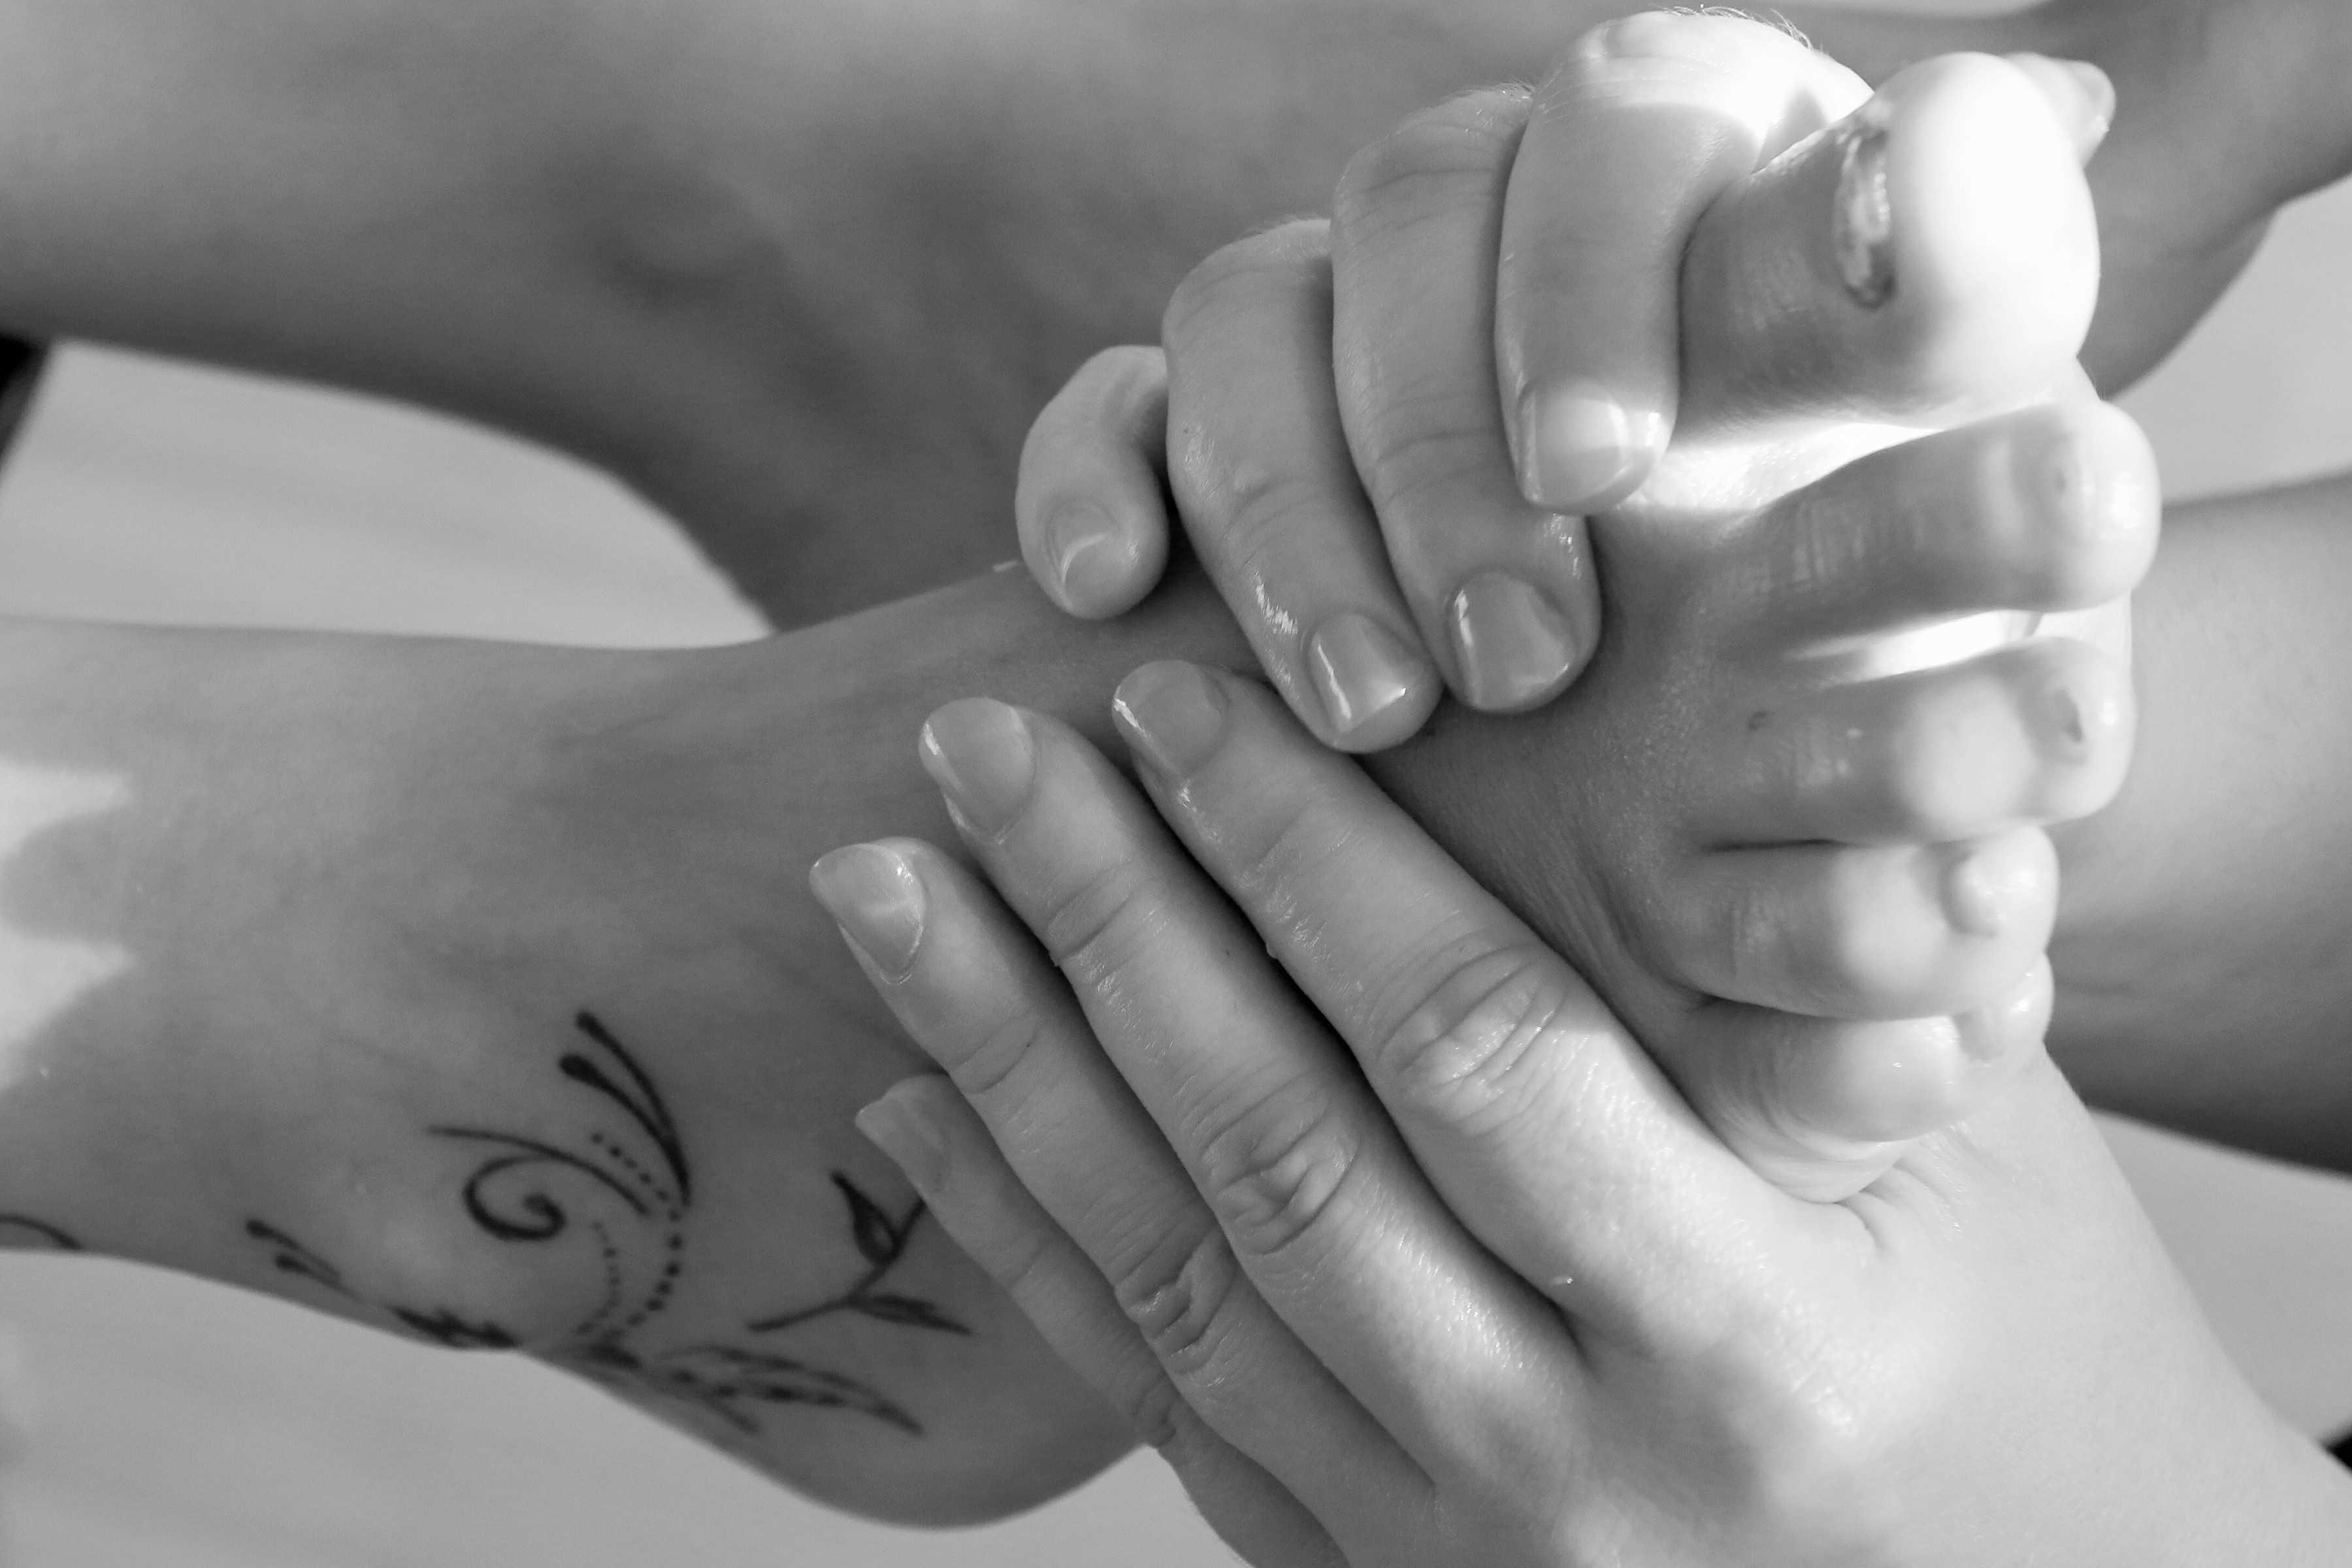 Reflexology treatments